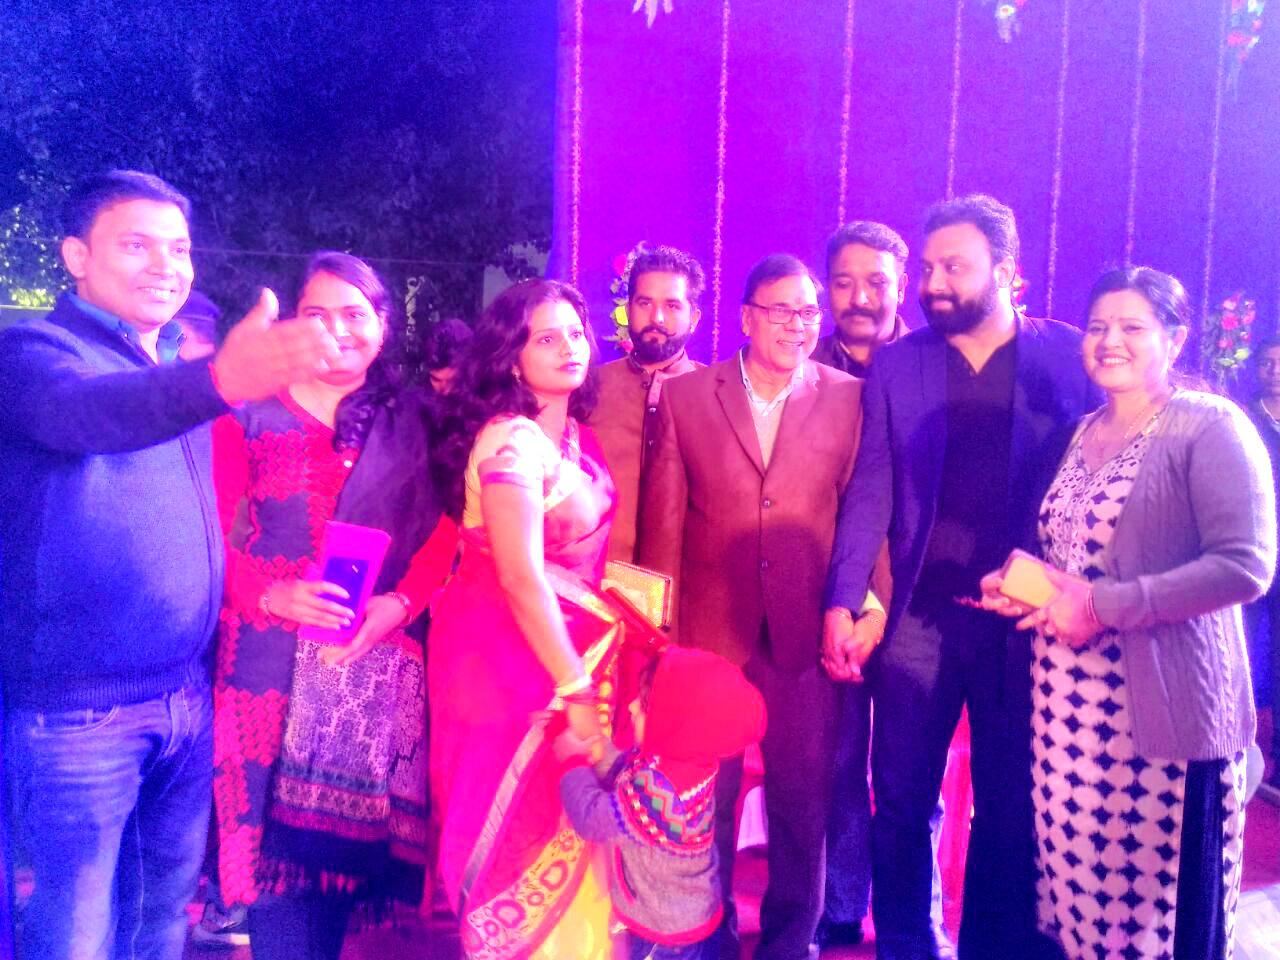 Samajsevi Dr.Madhepuri with Rising Playback Singer Amitabh Narayan and others at Singheshwar Mahotsav 2018.